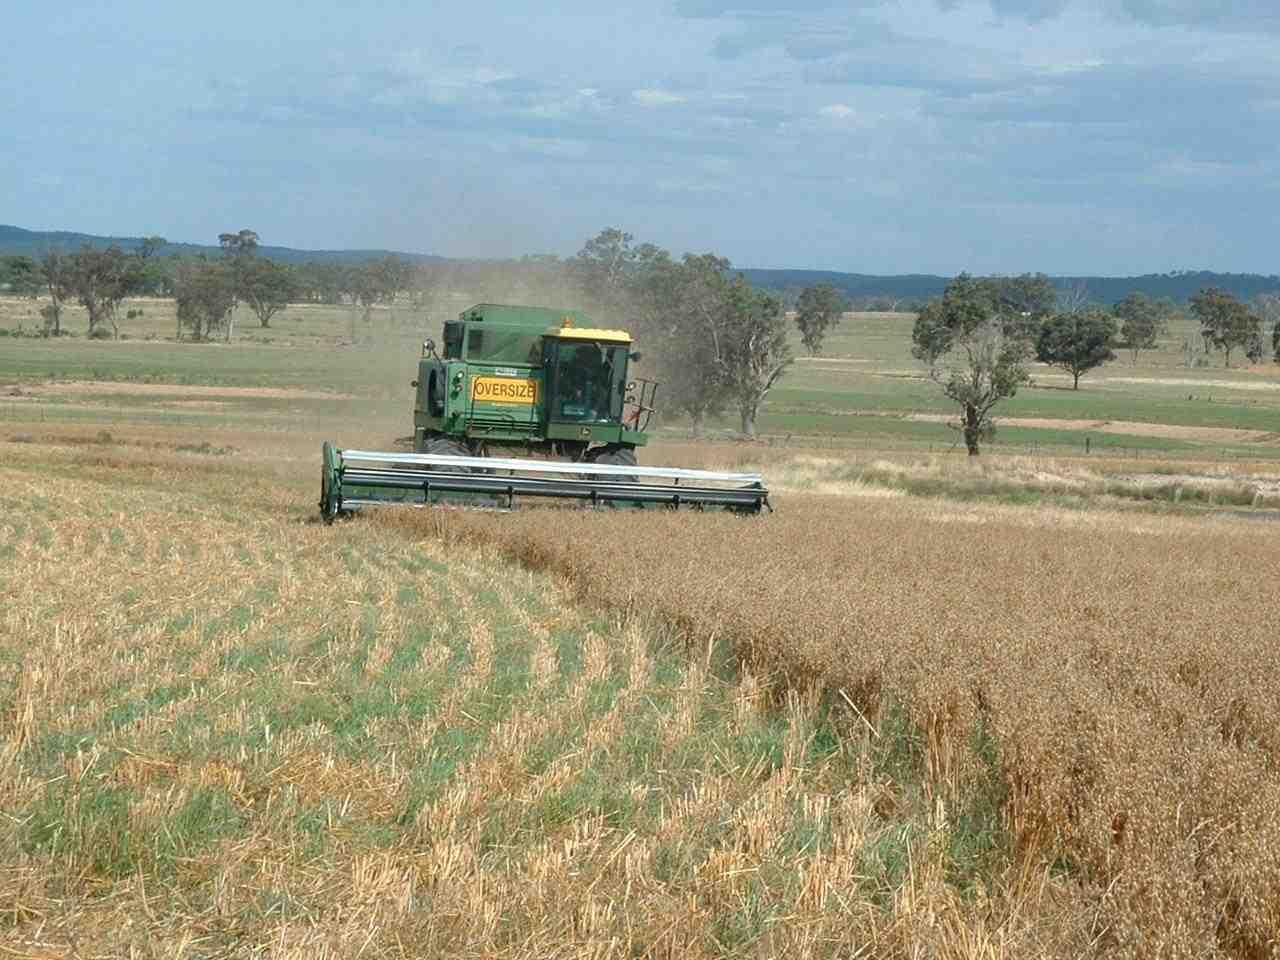 Cosecha de avena utilizando cultivo en pasto. Con esta técnica evitamos utilizar químicos y fertilizantes, así beneficiamos el suelo. Por Winona Farms.